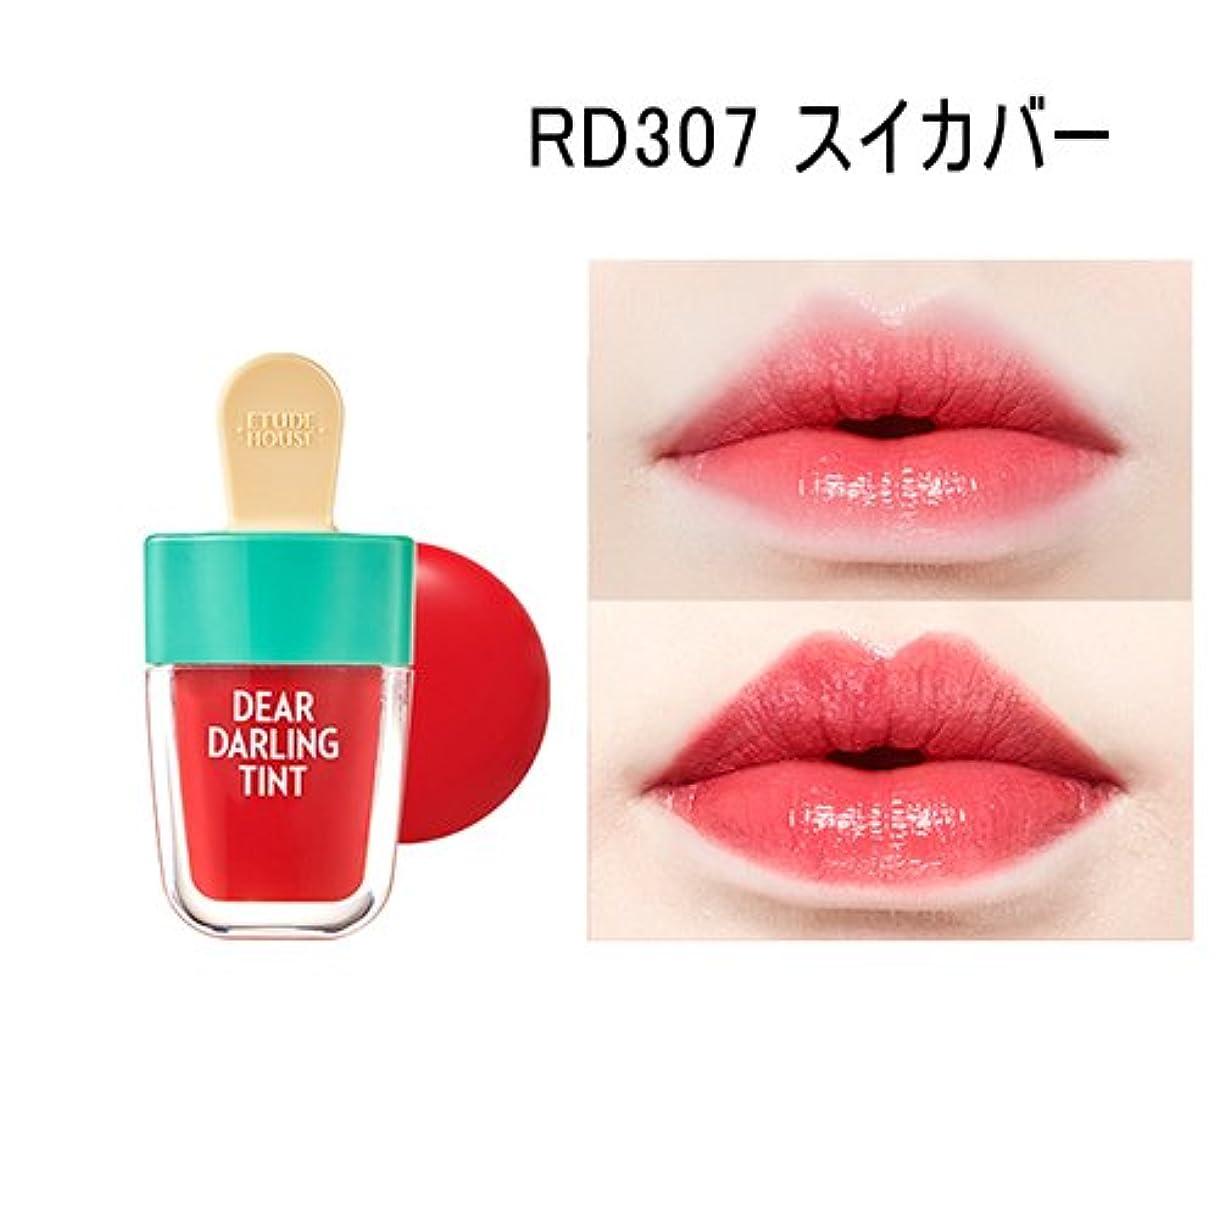 人工キッチンチラチラするEtude House(エチュードハウス) [夏限定]ディアー ダーリン ウォータージェル ティント/Dear Darling Water Gel Tint(4.5g) (RD307(スイカレッド)) [並行輸入品]